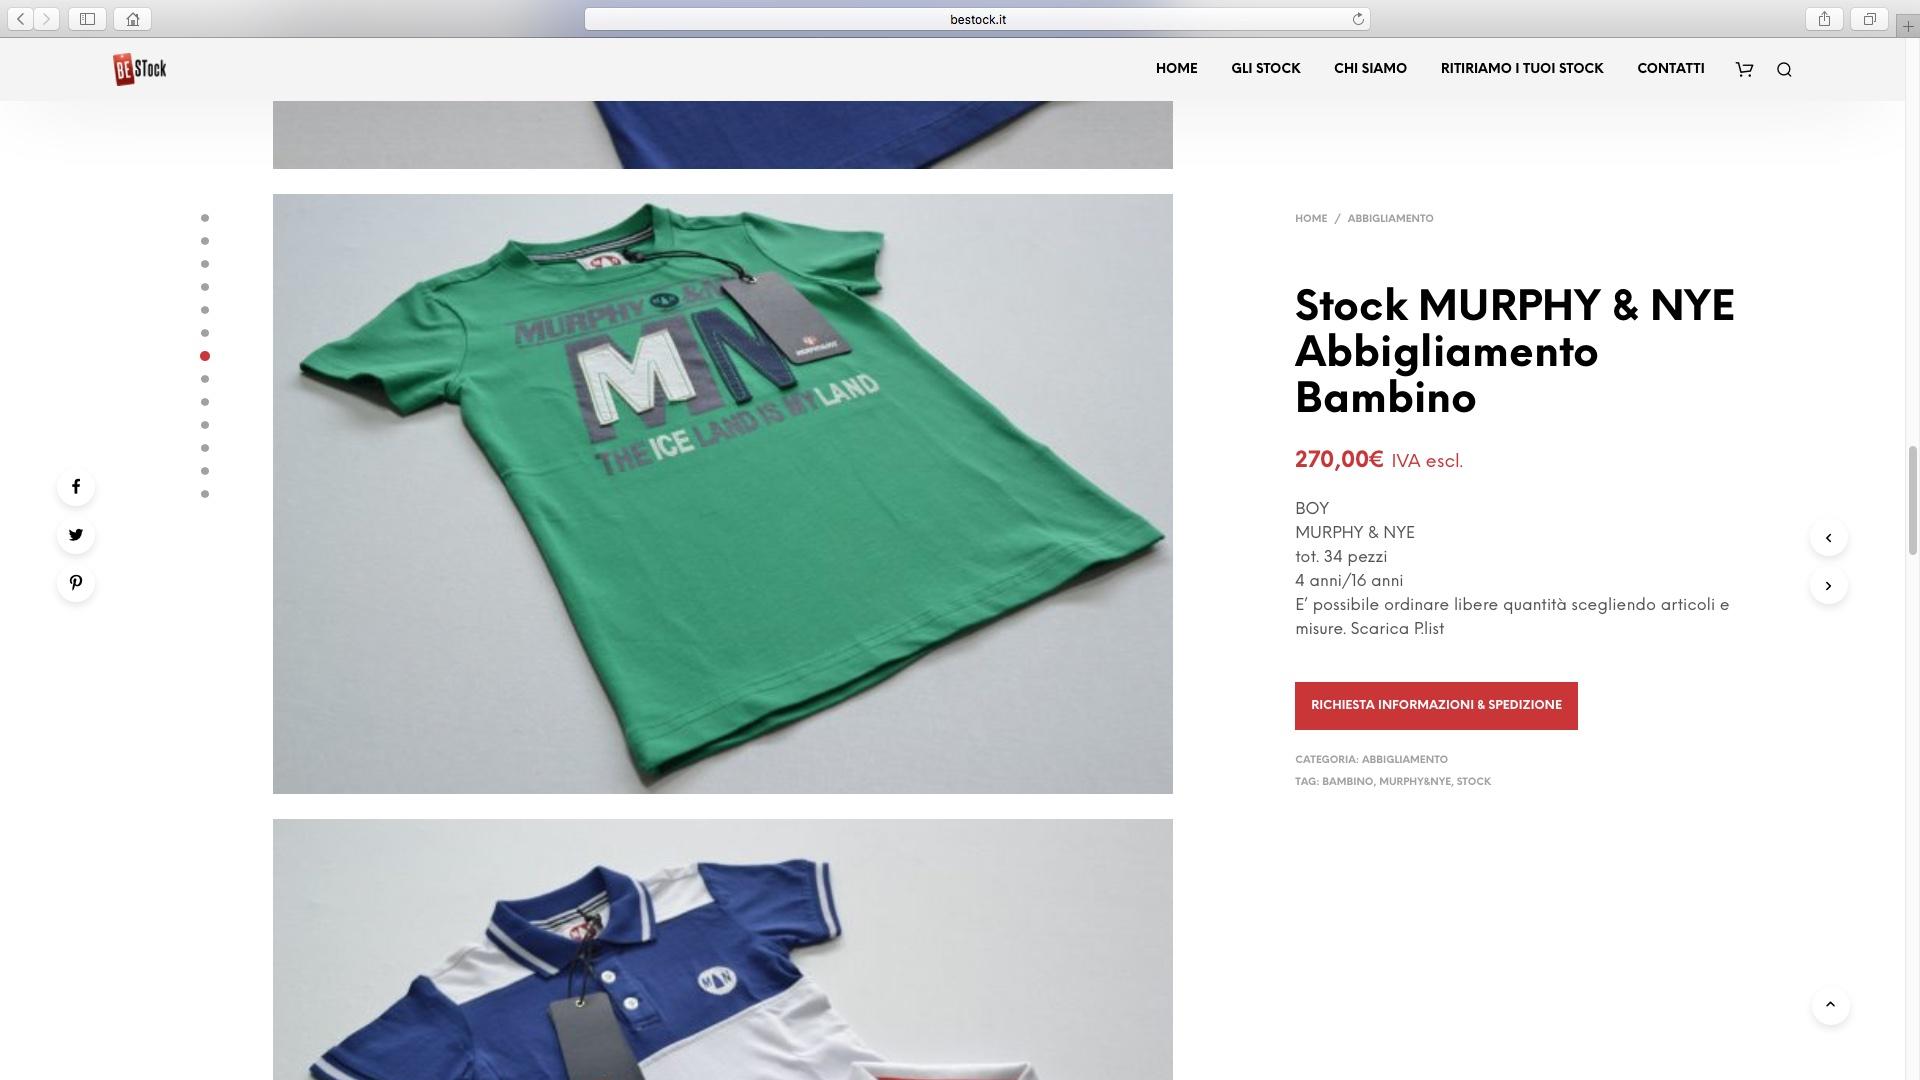 sito-web-brescia-catalogo-online-negozio-ecommerce-05